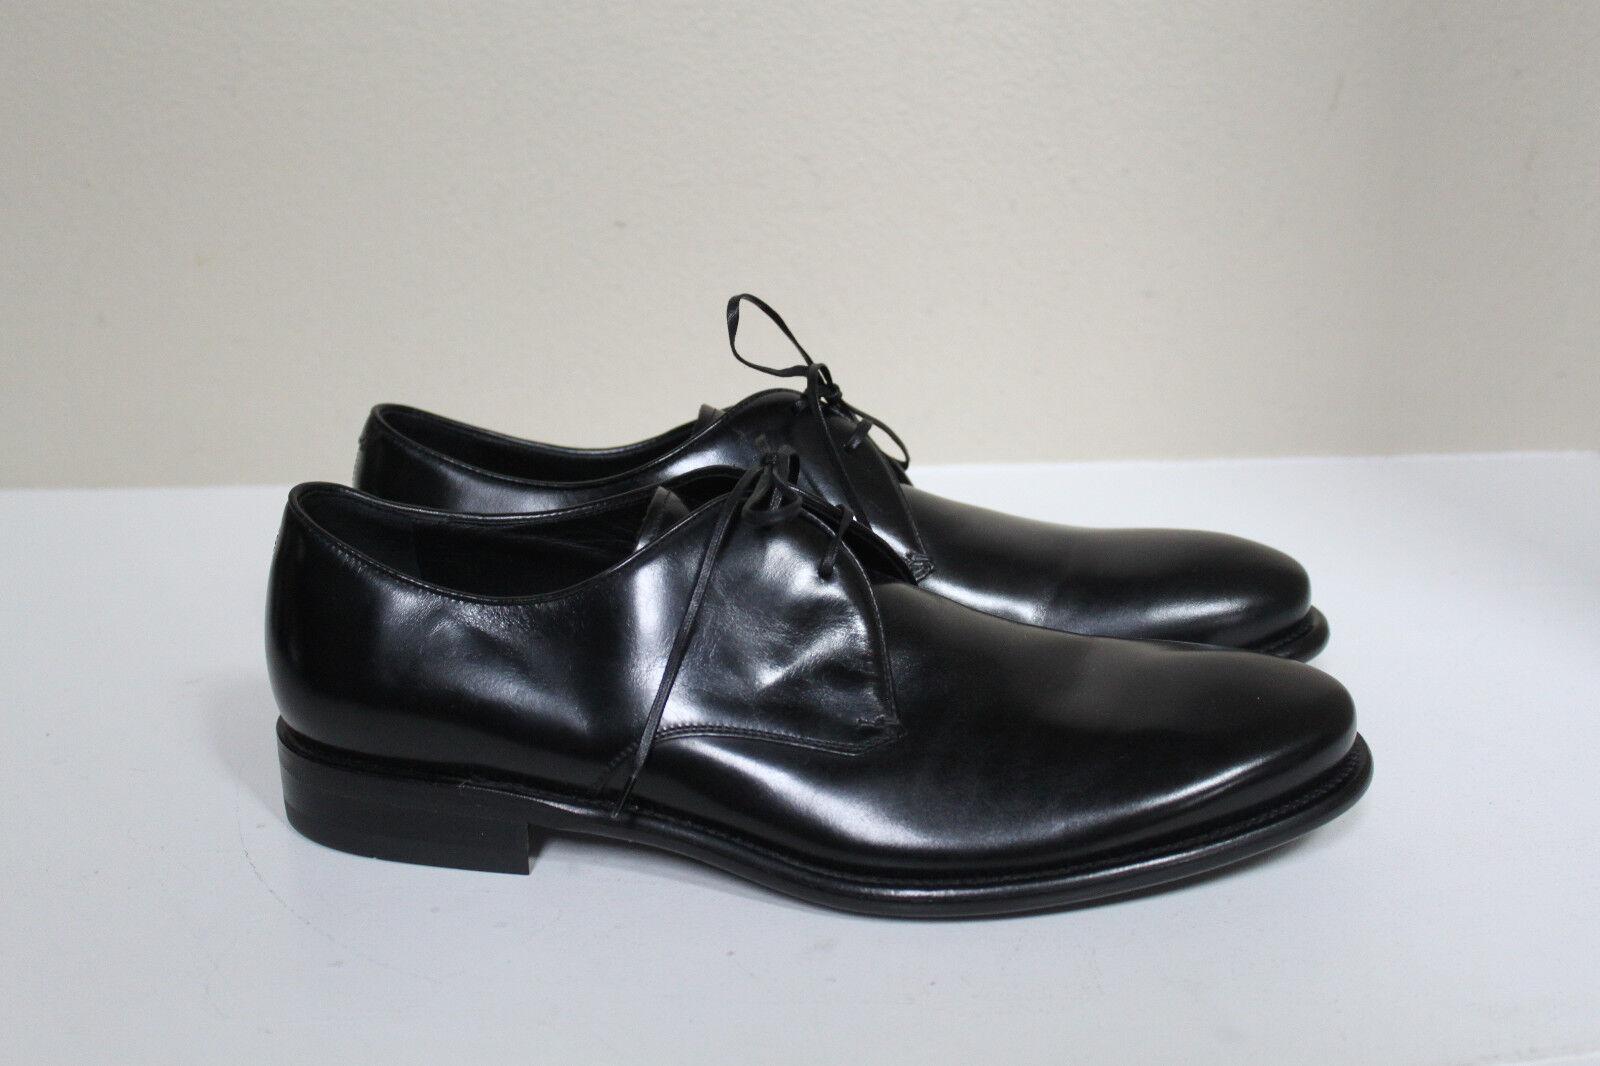 Nouveau sz 9.5 D Salvatore Ferragamo Stefano Plain Toe Derby Cuir Noir Hommes Chaussures